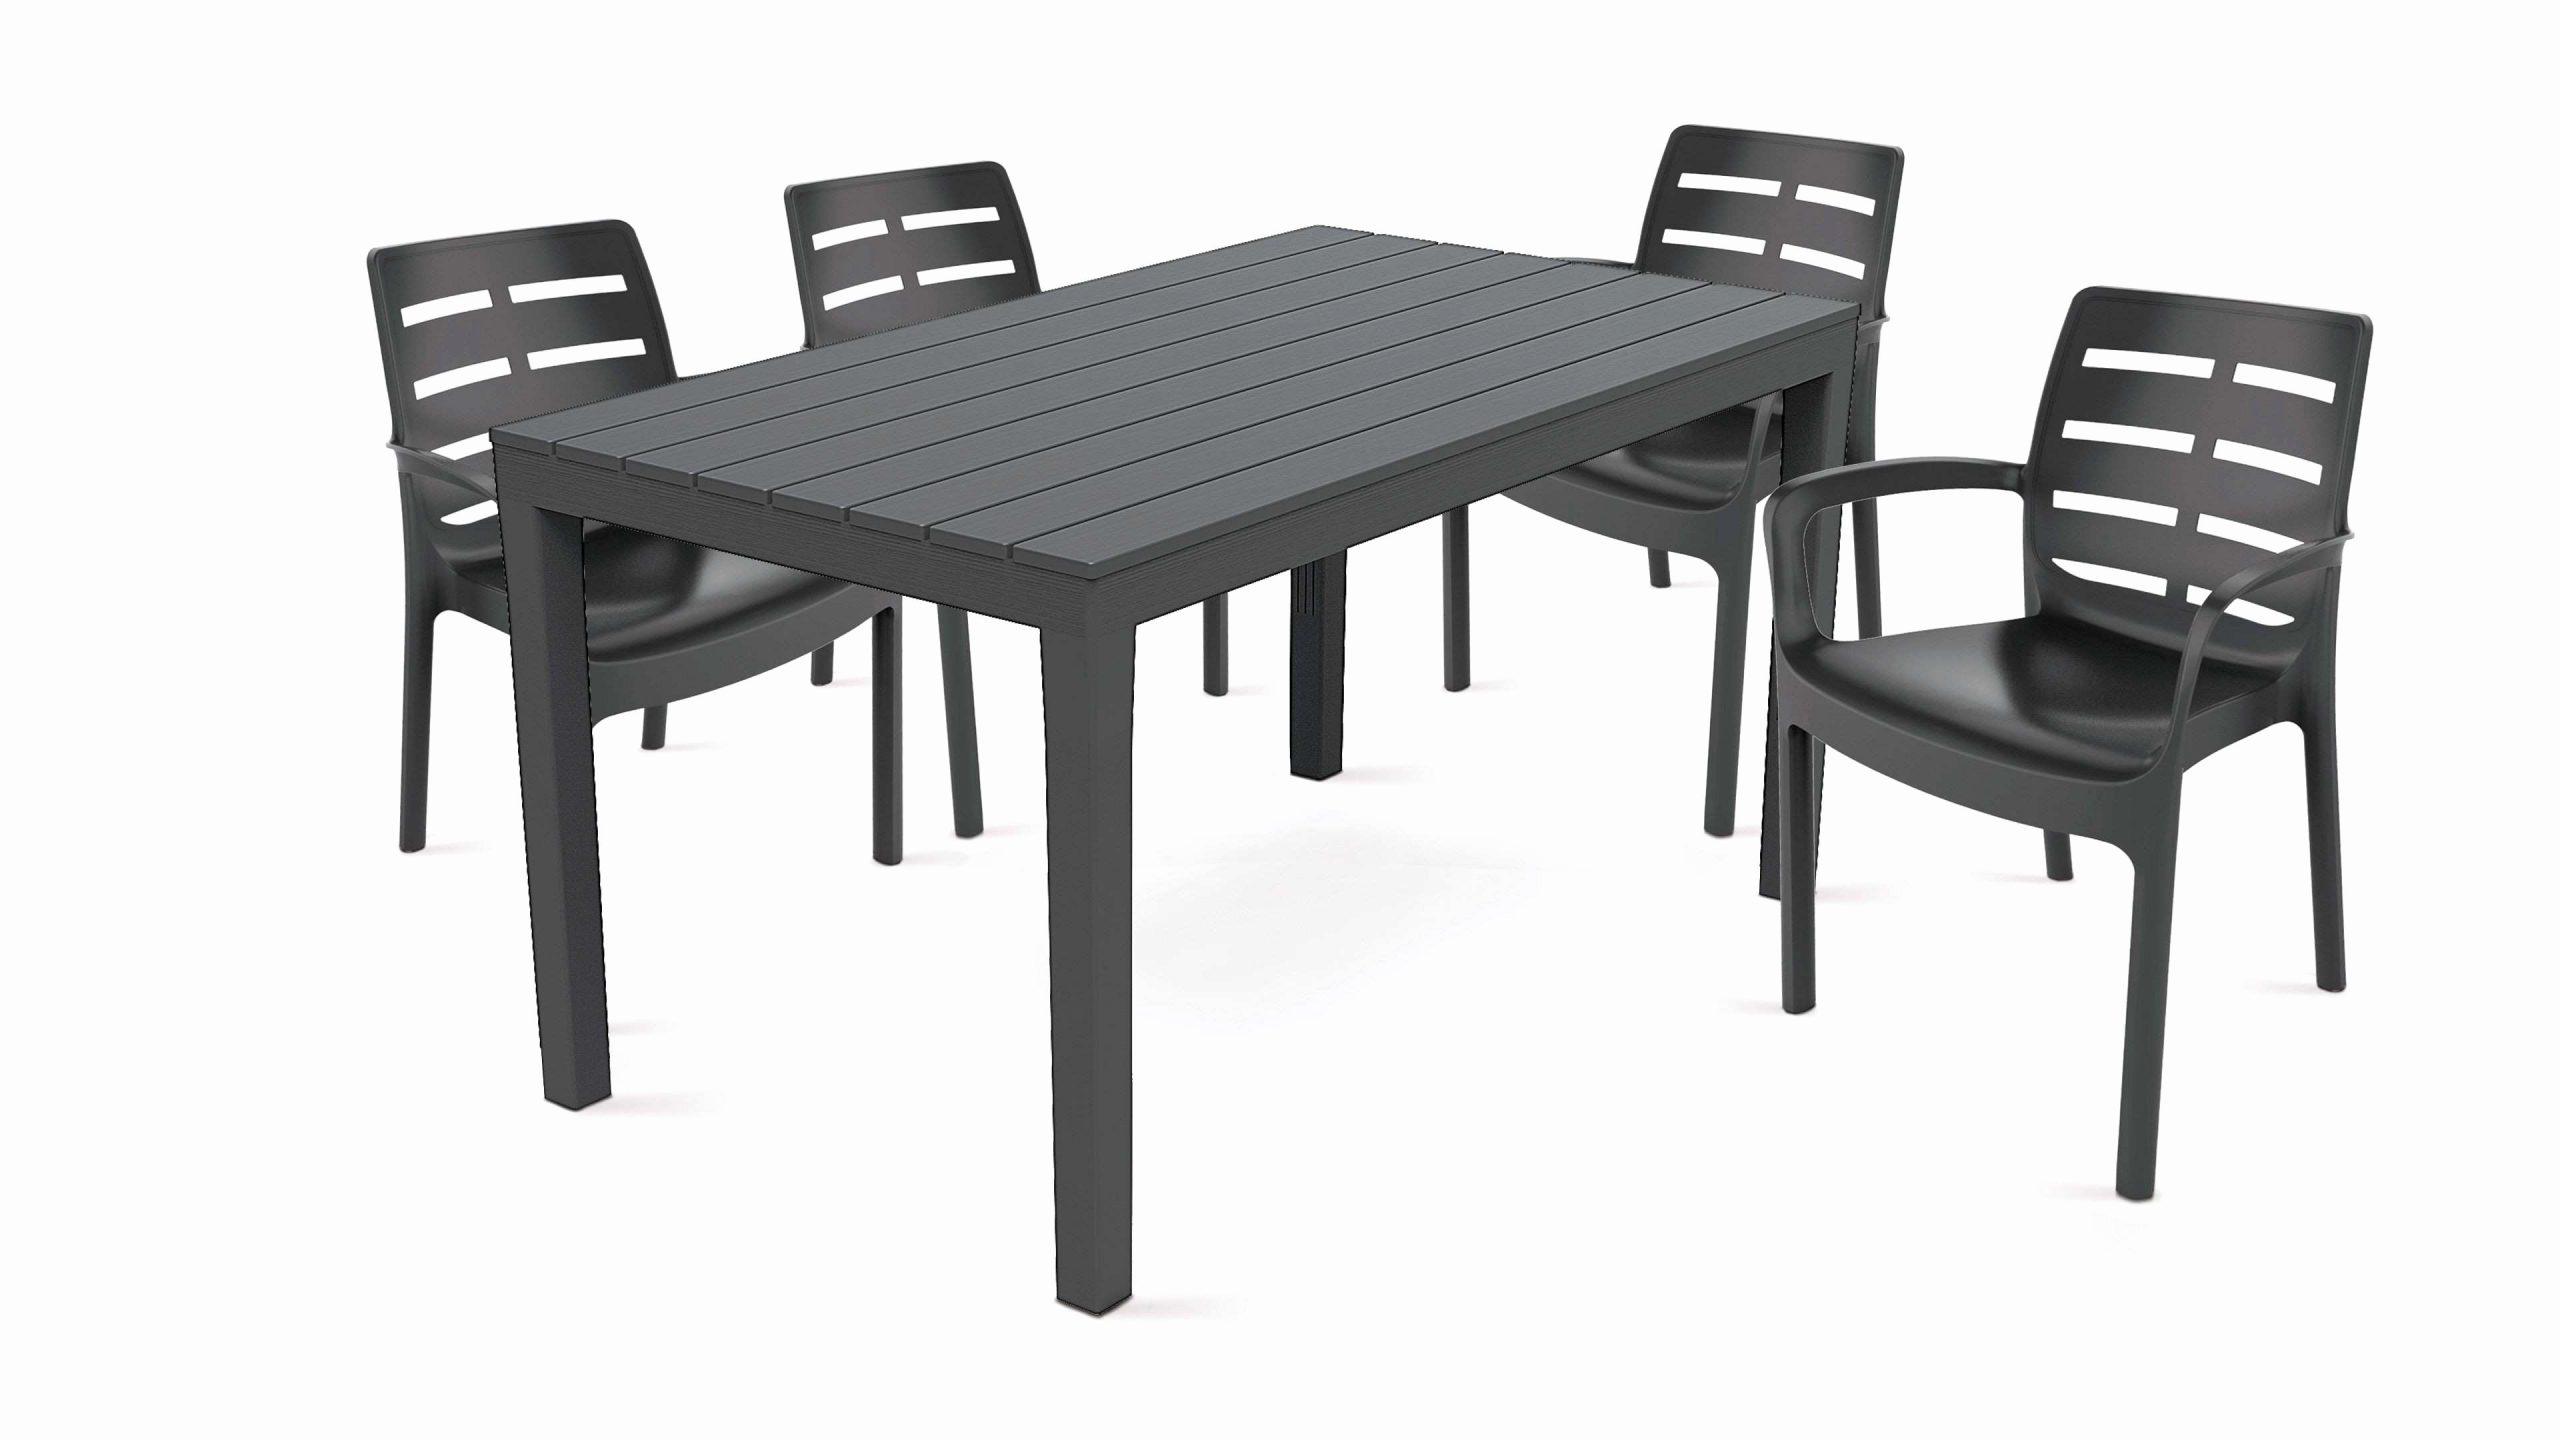 Banc De Jardin Jardiland New Table Aluminium Charmant Banc ... destiné Table De Jardin Aluminium Jardiland